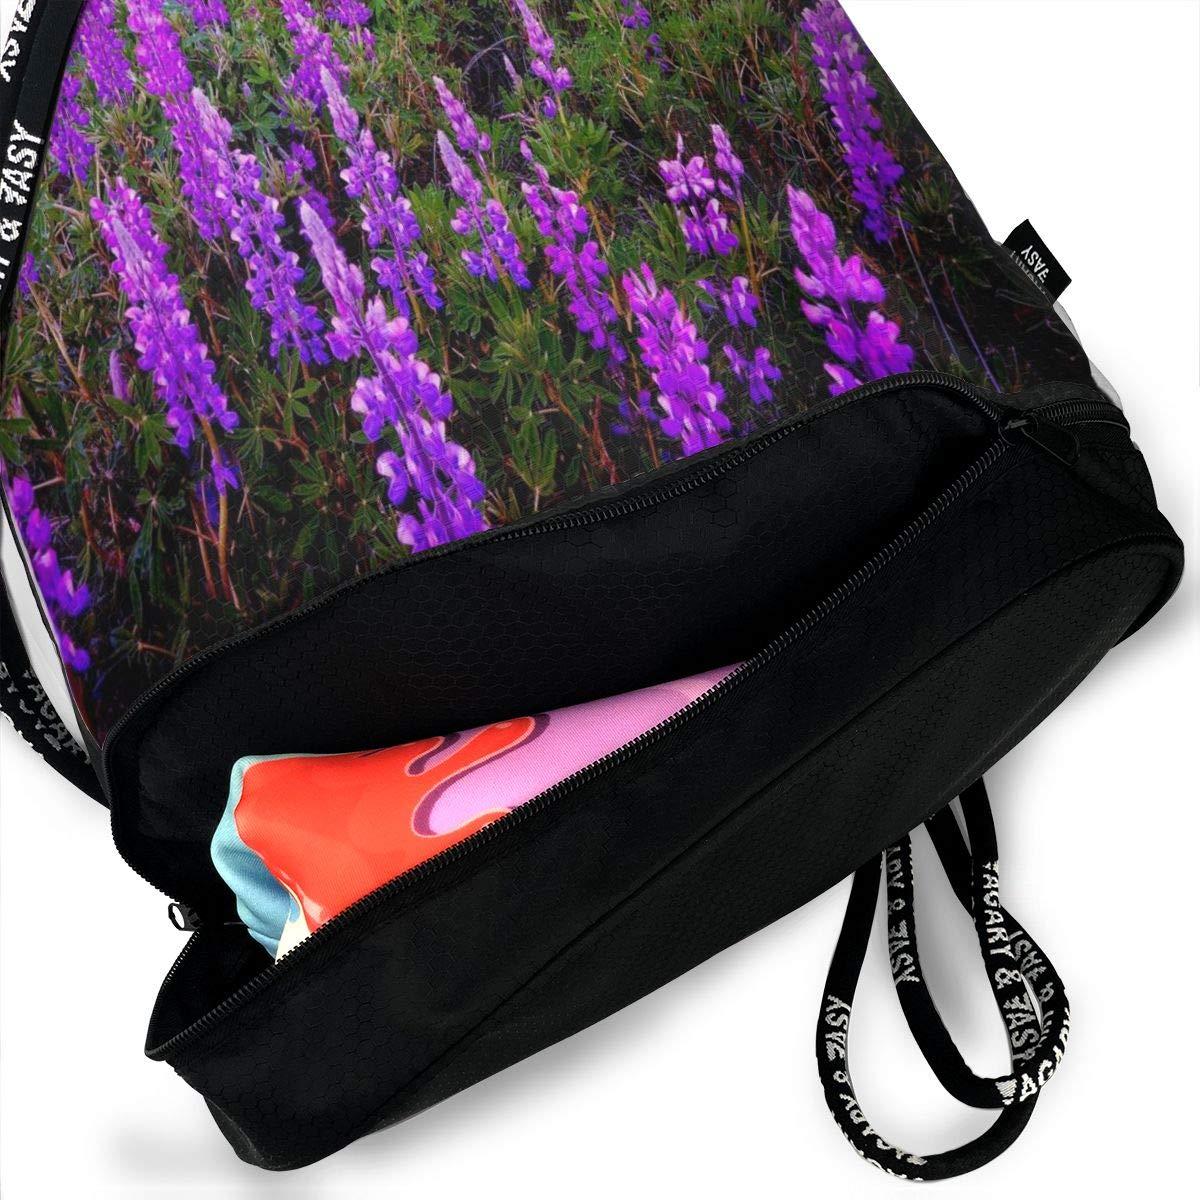 Unisex Bundle Backpack Purple Lavender Travel Durable Large Space Special Waterproof Drawstring Bag